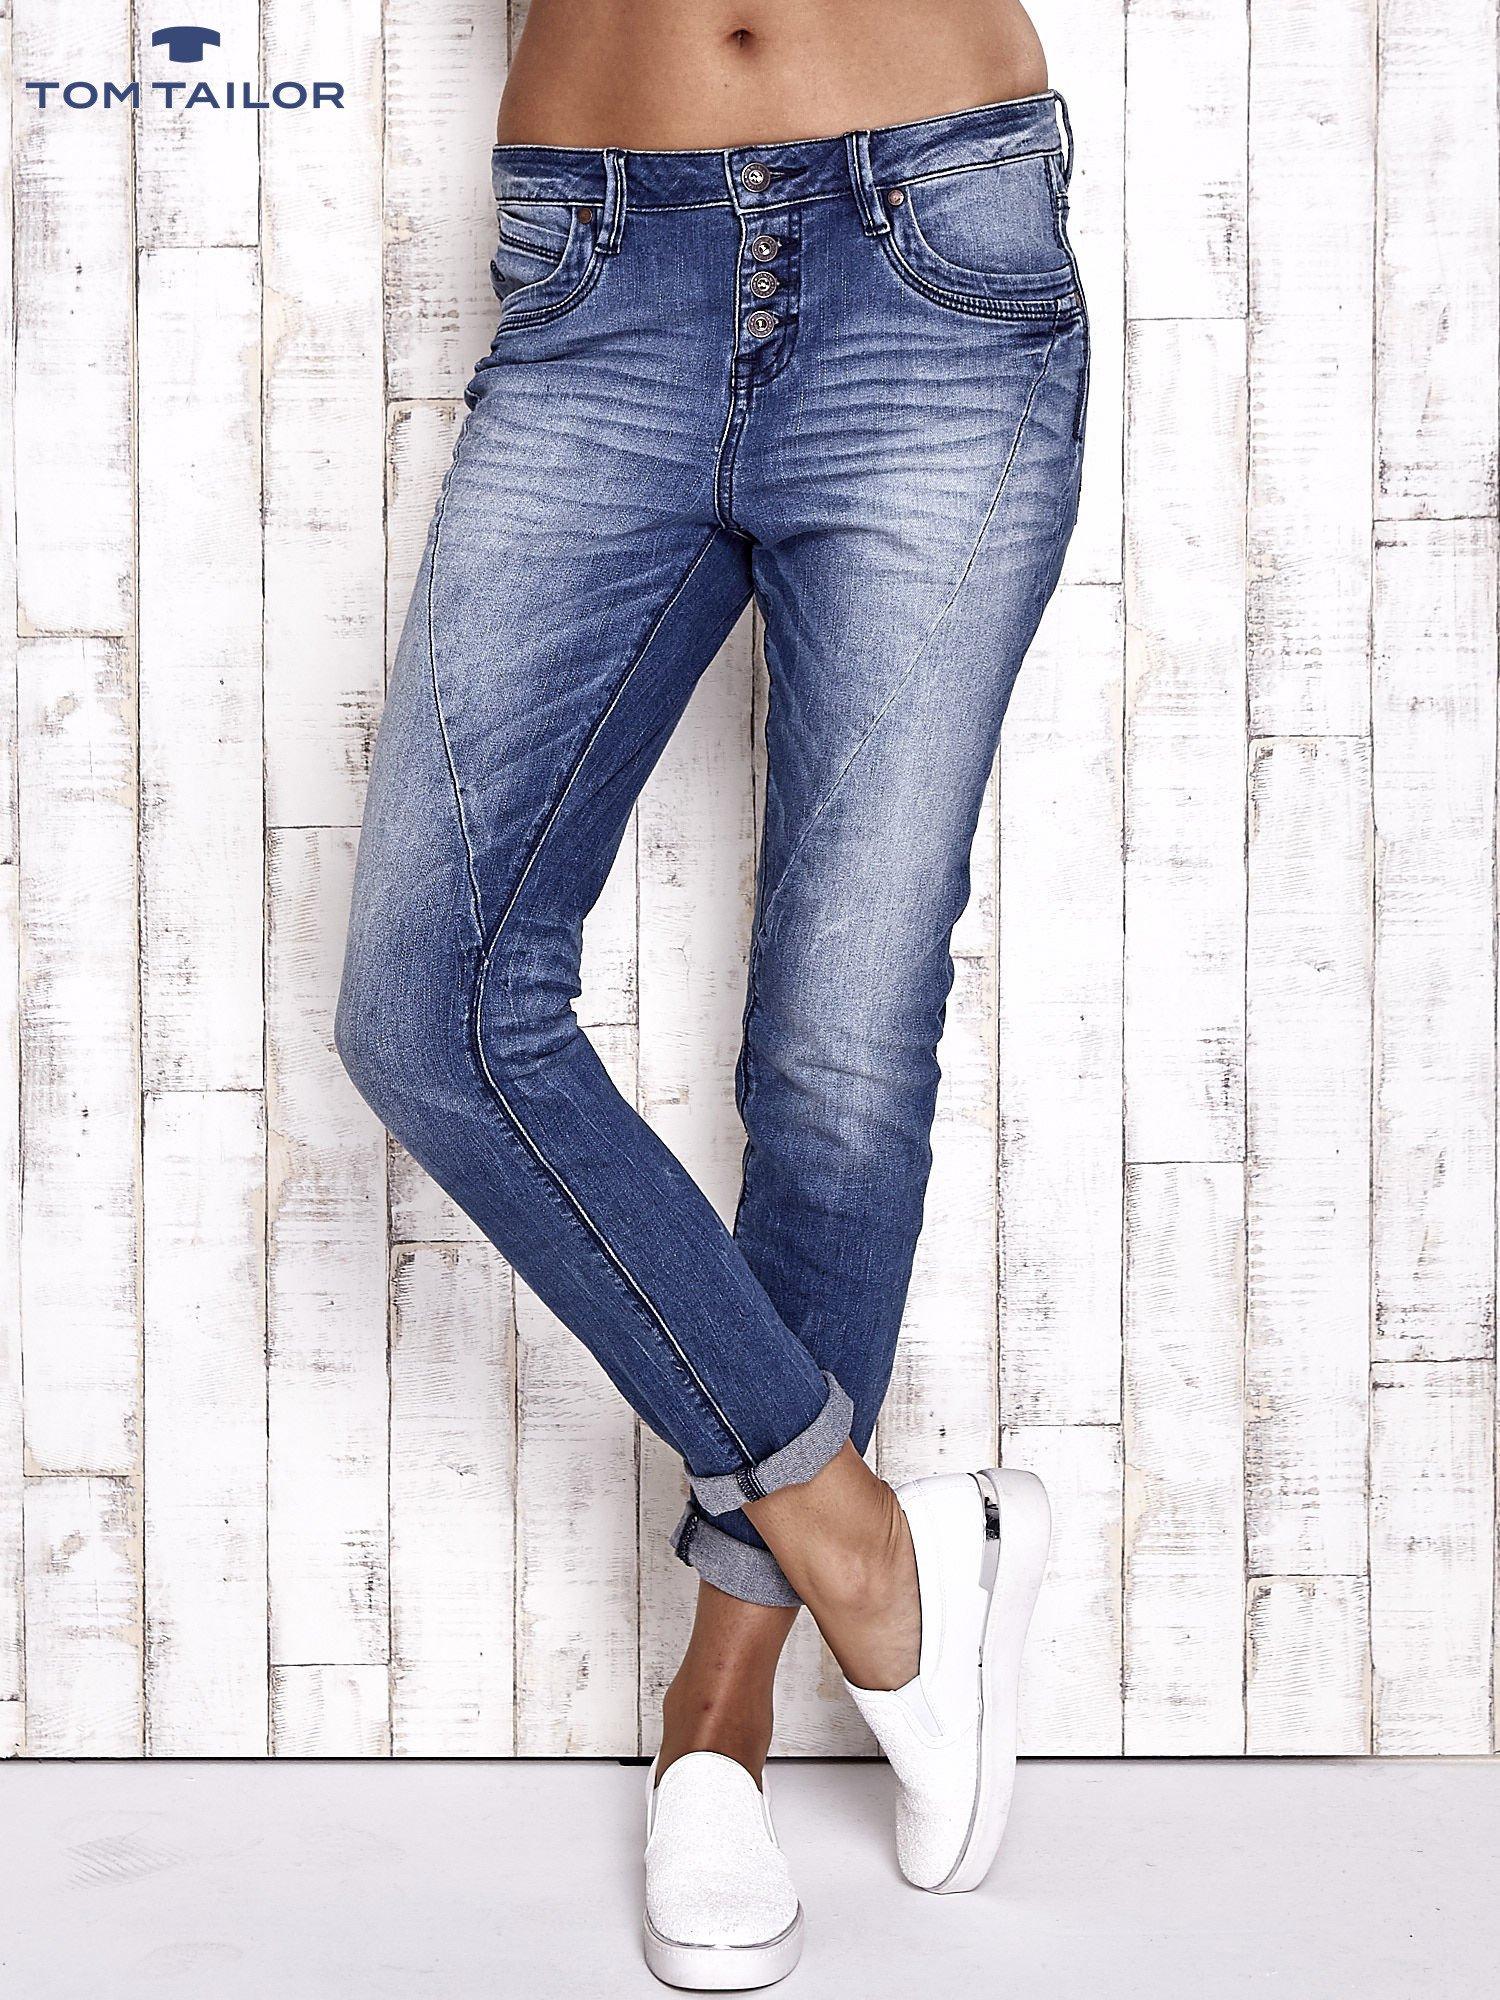 TOM TAILOR Niebieskie modułowe spodnie jeansowe                                  zdj.                                  1